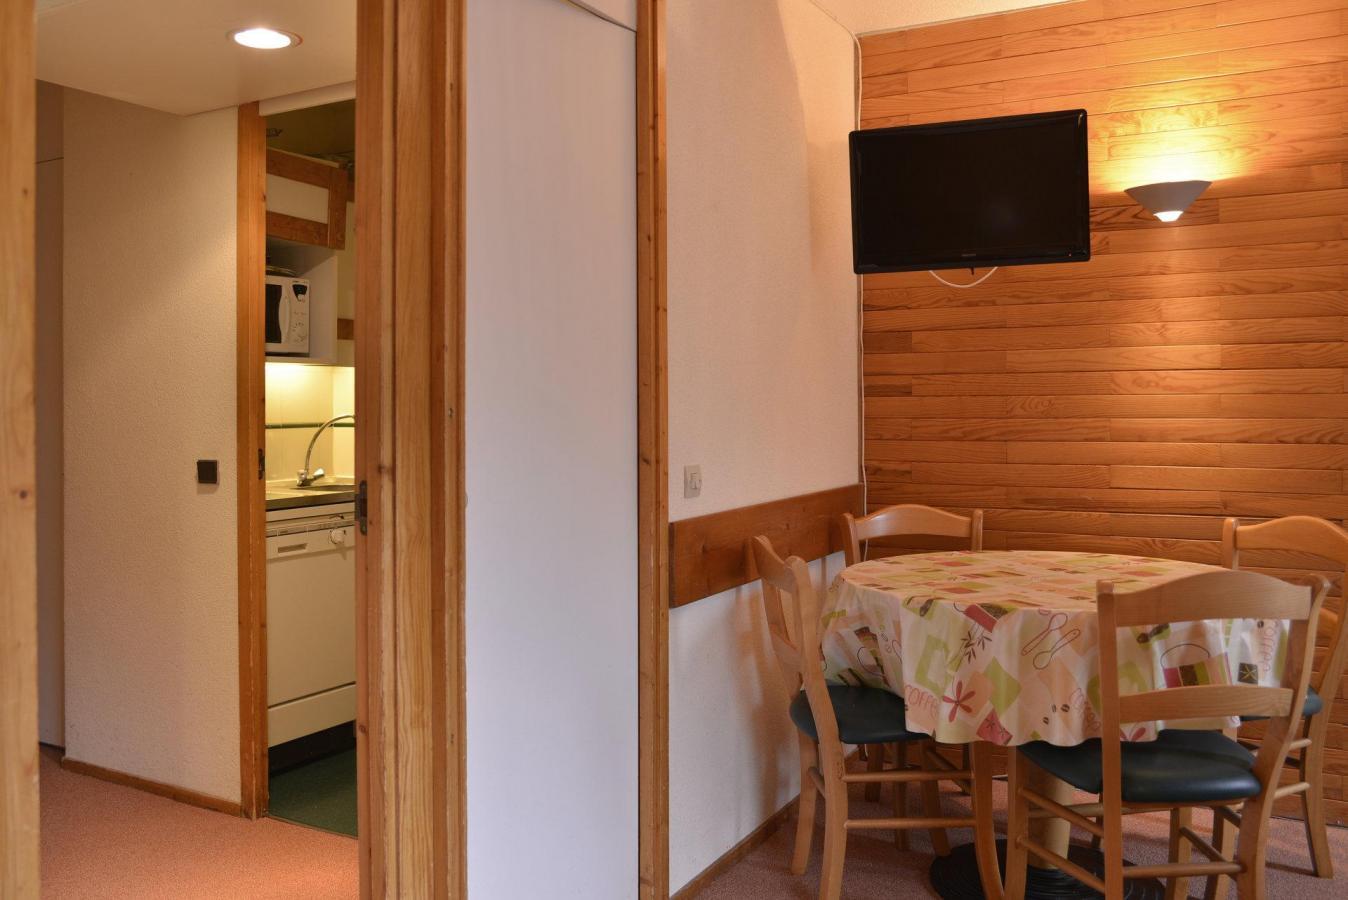 Location au ski Studio 4 personnes (63) - La Residence St Jacques - La Plagne